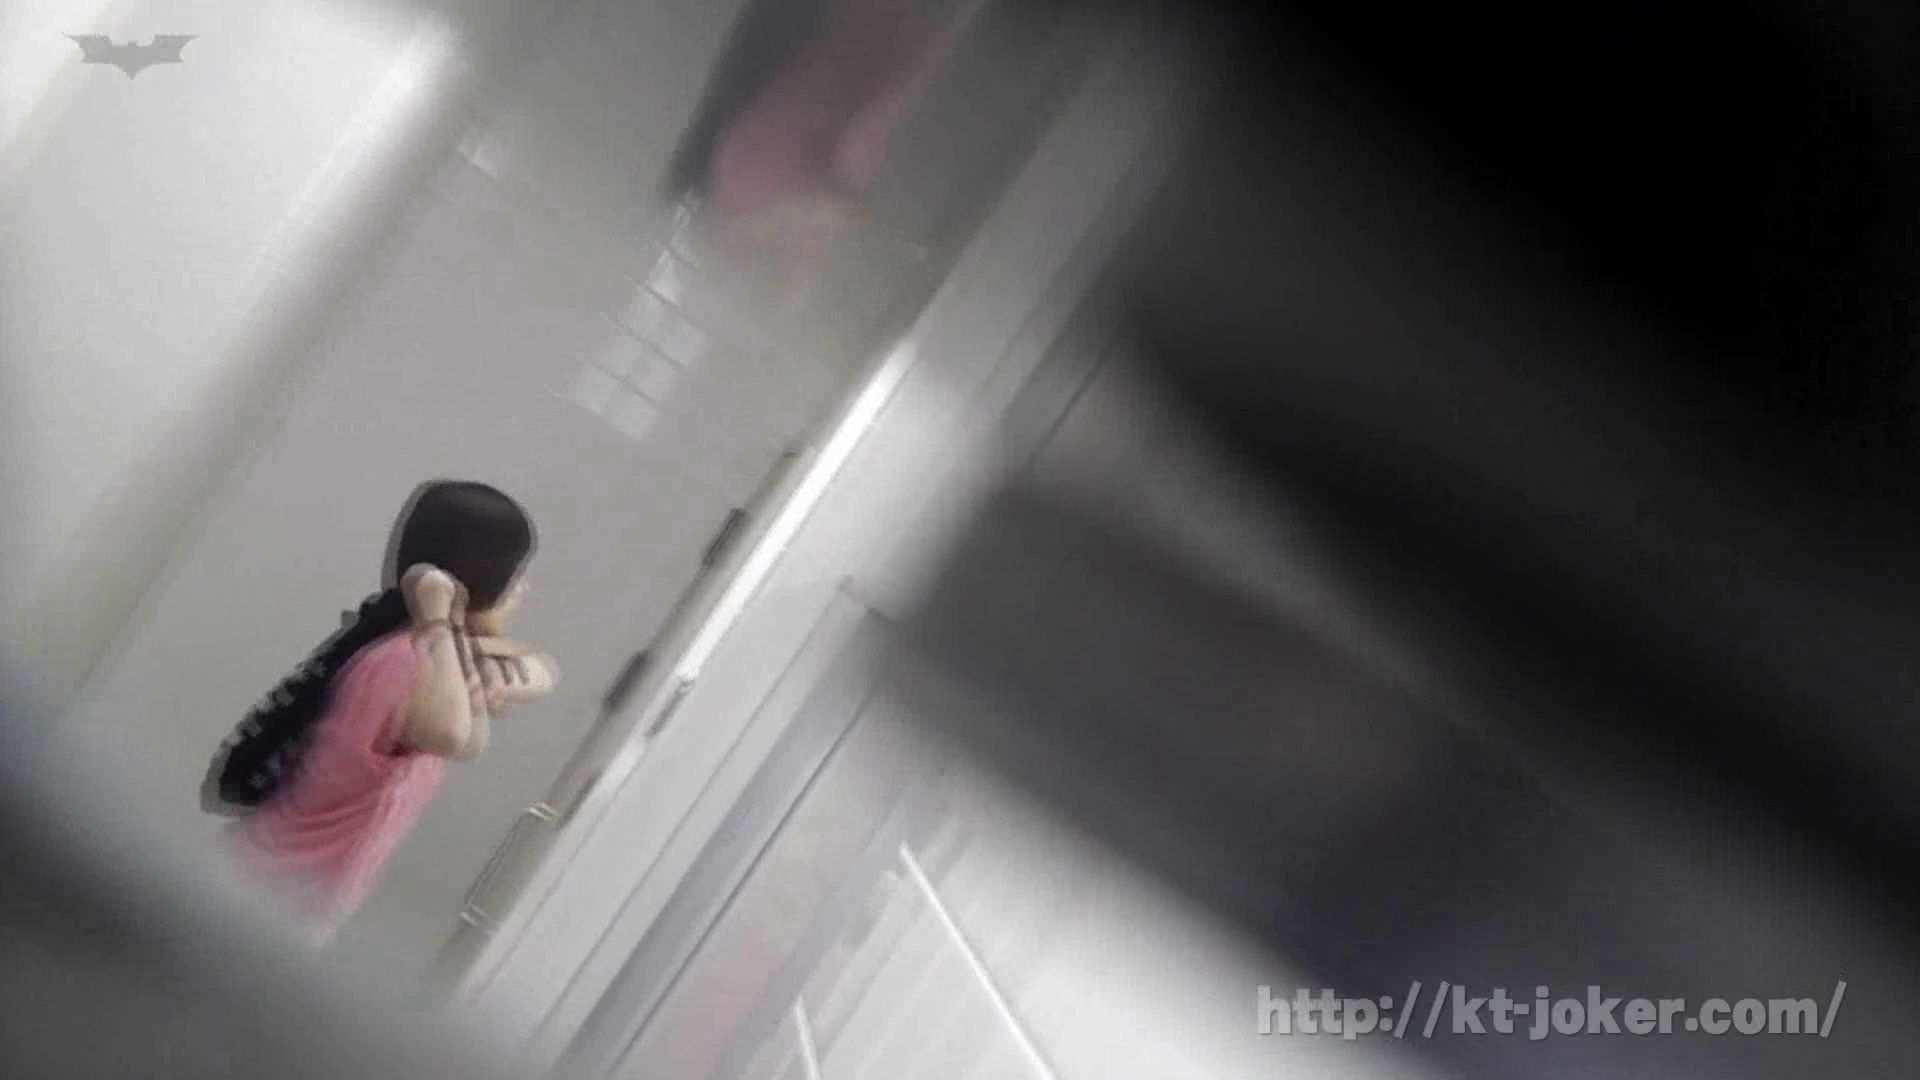 命がけ潜伏洗面所! vol.71 典型的な韓国人美女登場!! プライベート ぱこり動画紹介 72pic 67